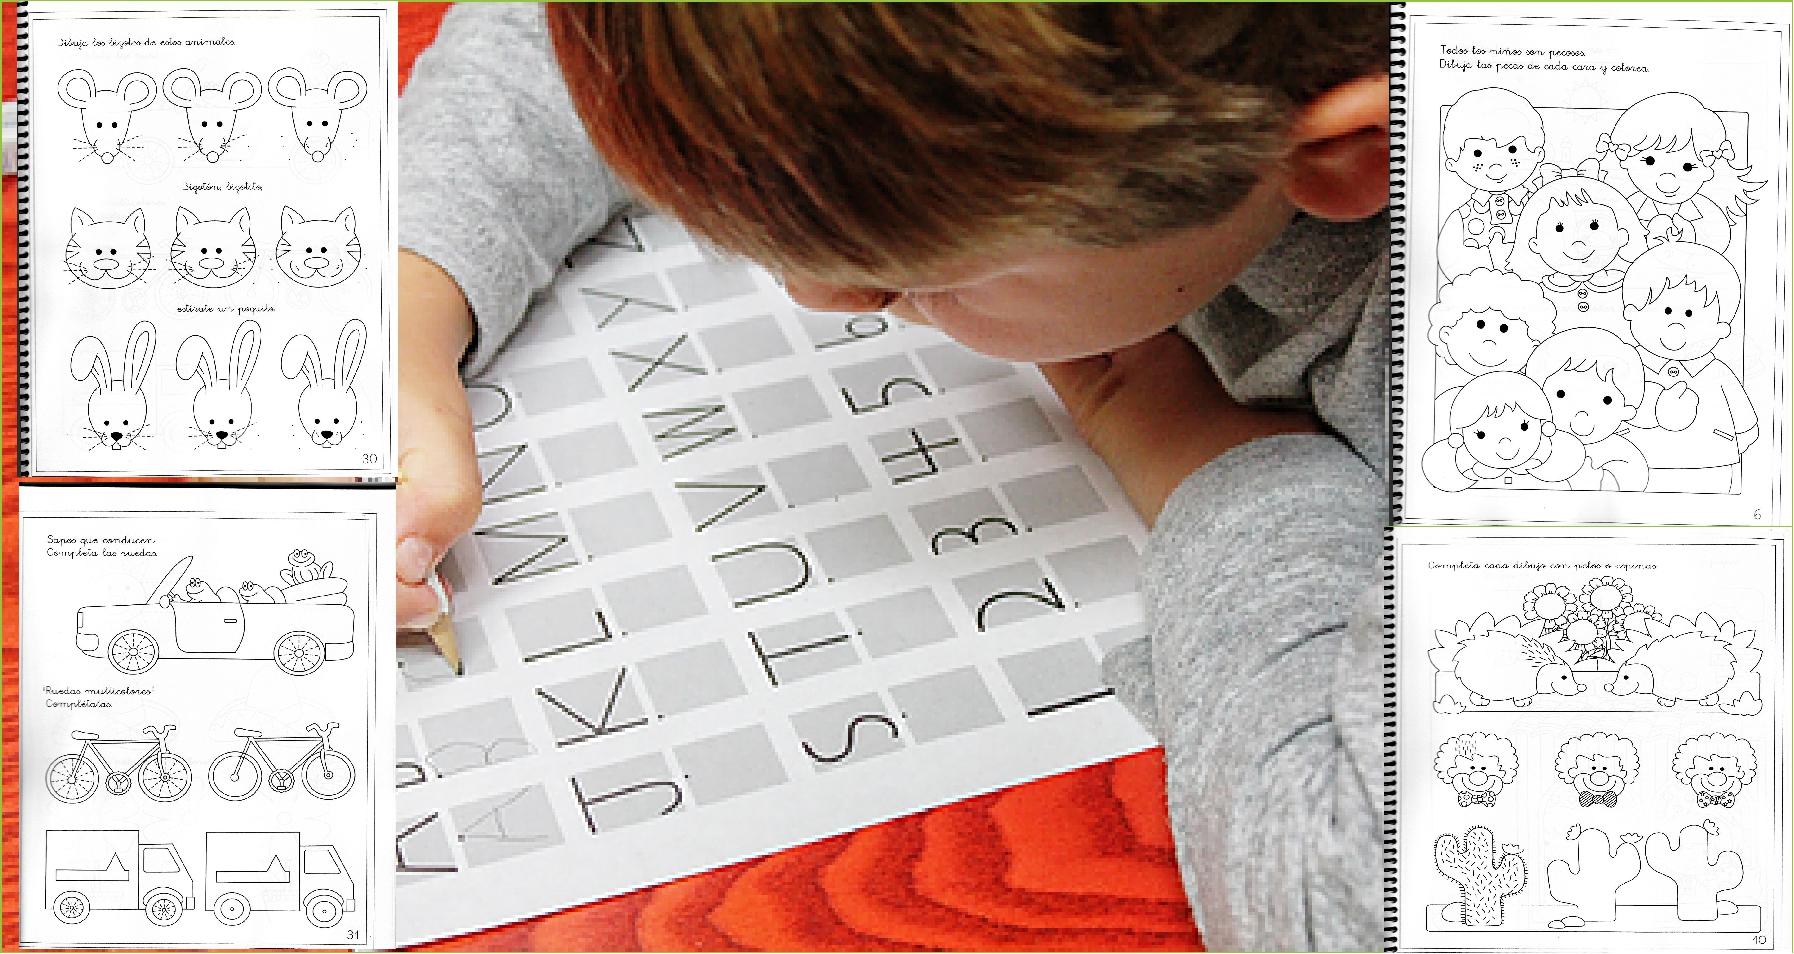 50 Actividades De Coordinación Visomotora Para Niños